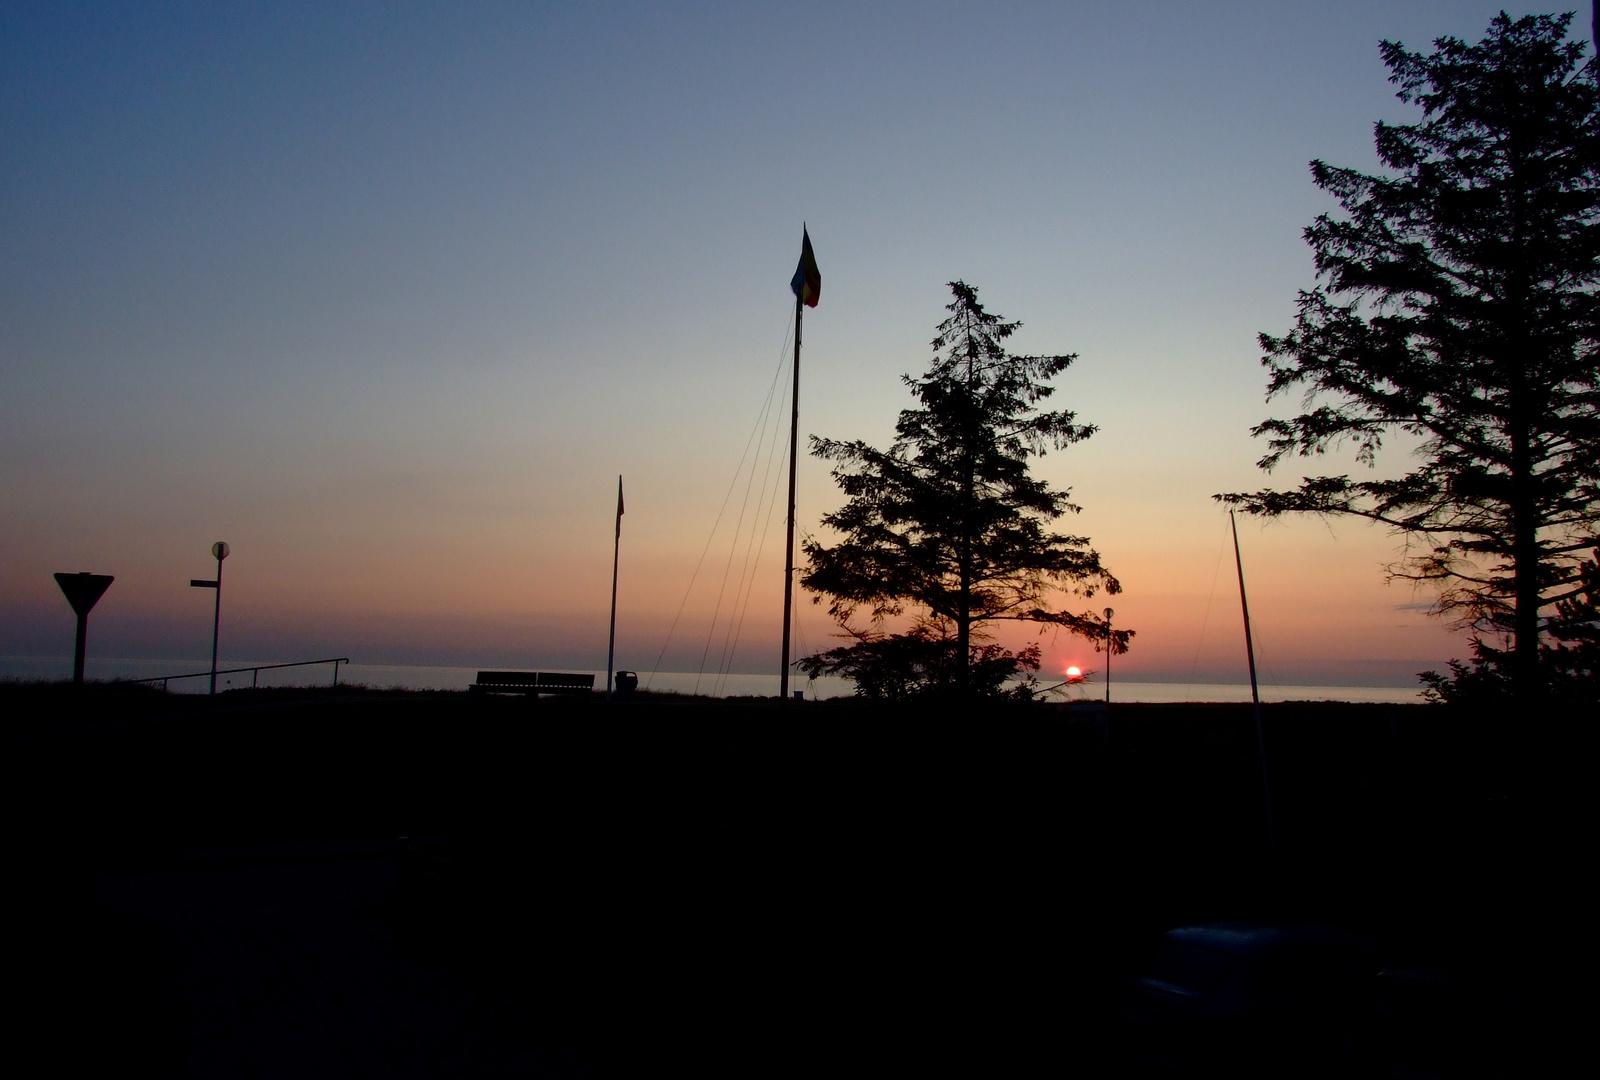 °°° Früher Morgen - Urlaub - Wellenrauschen - Sonne °°°